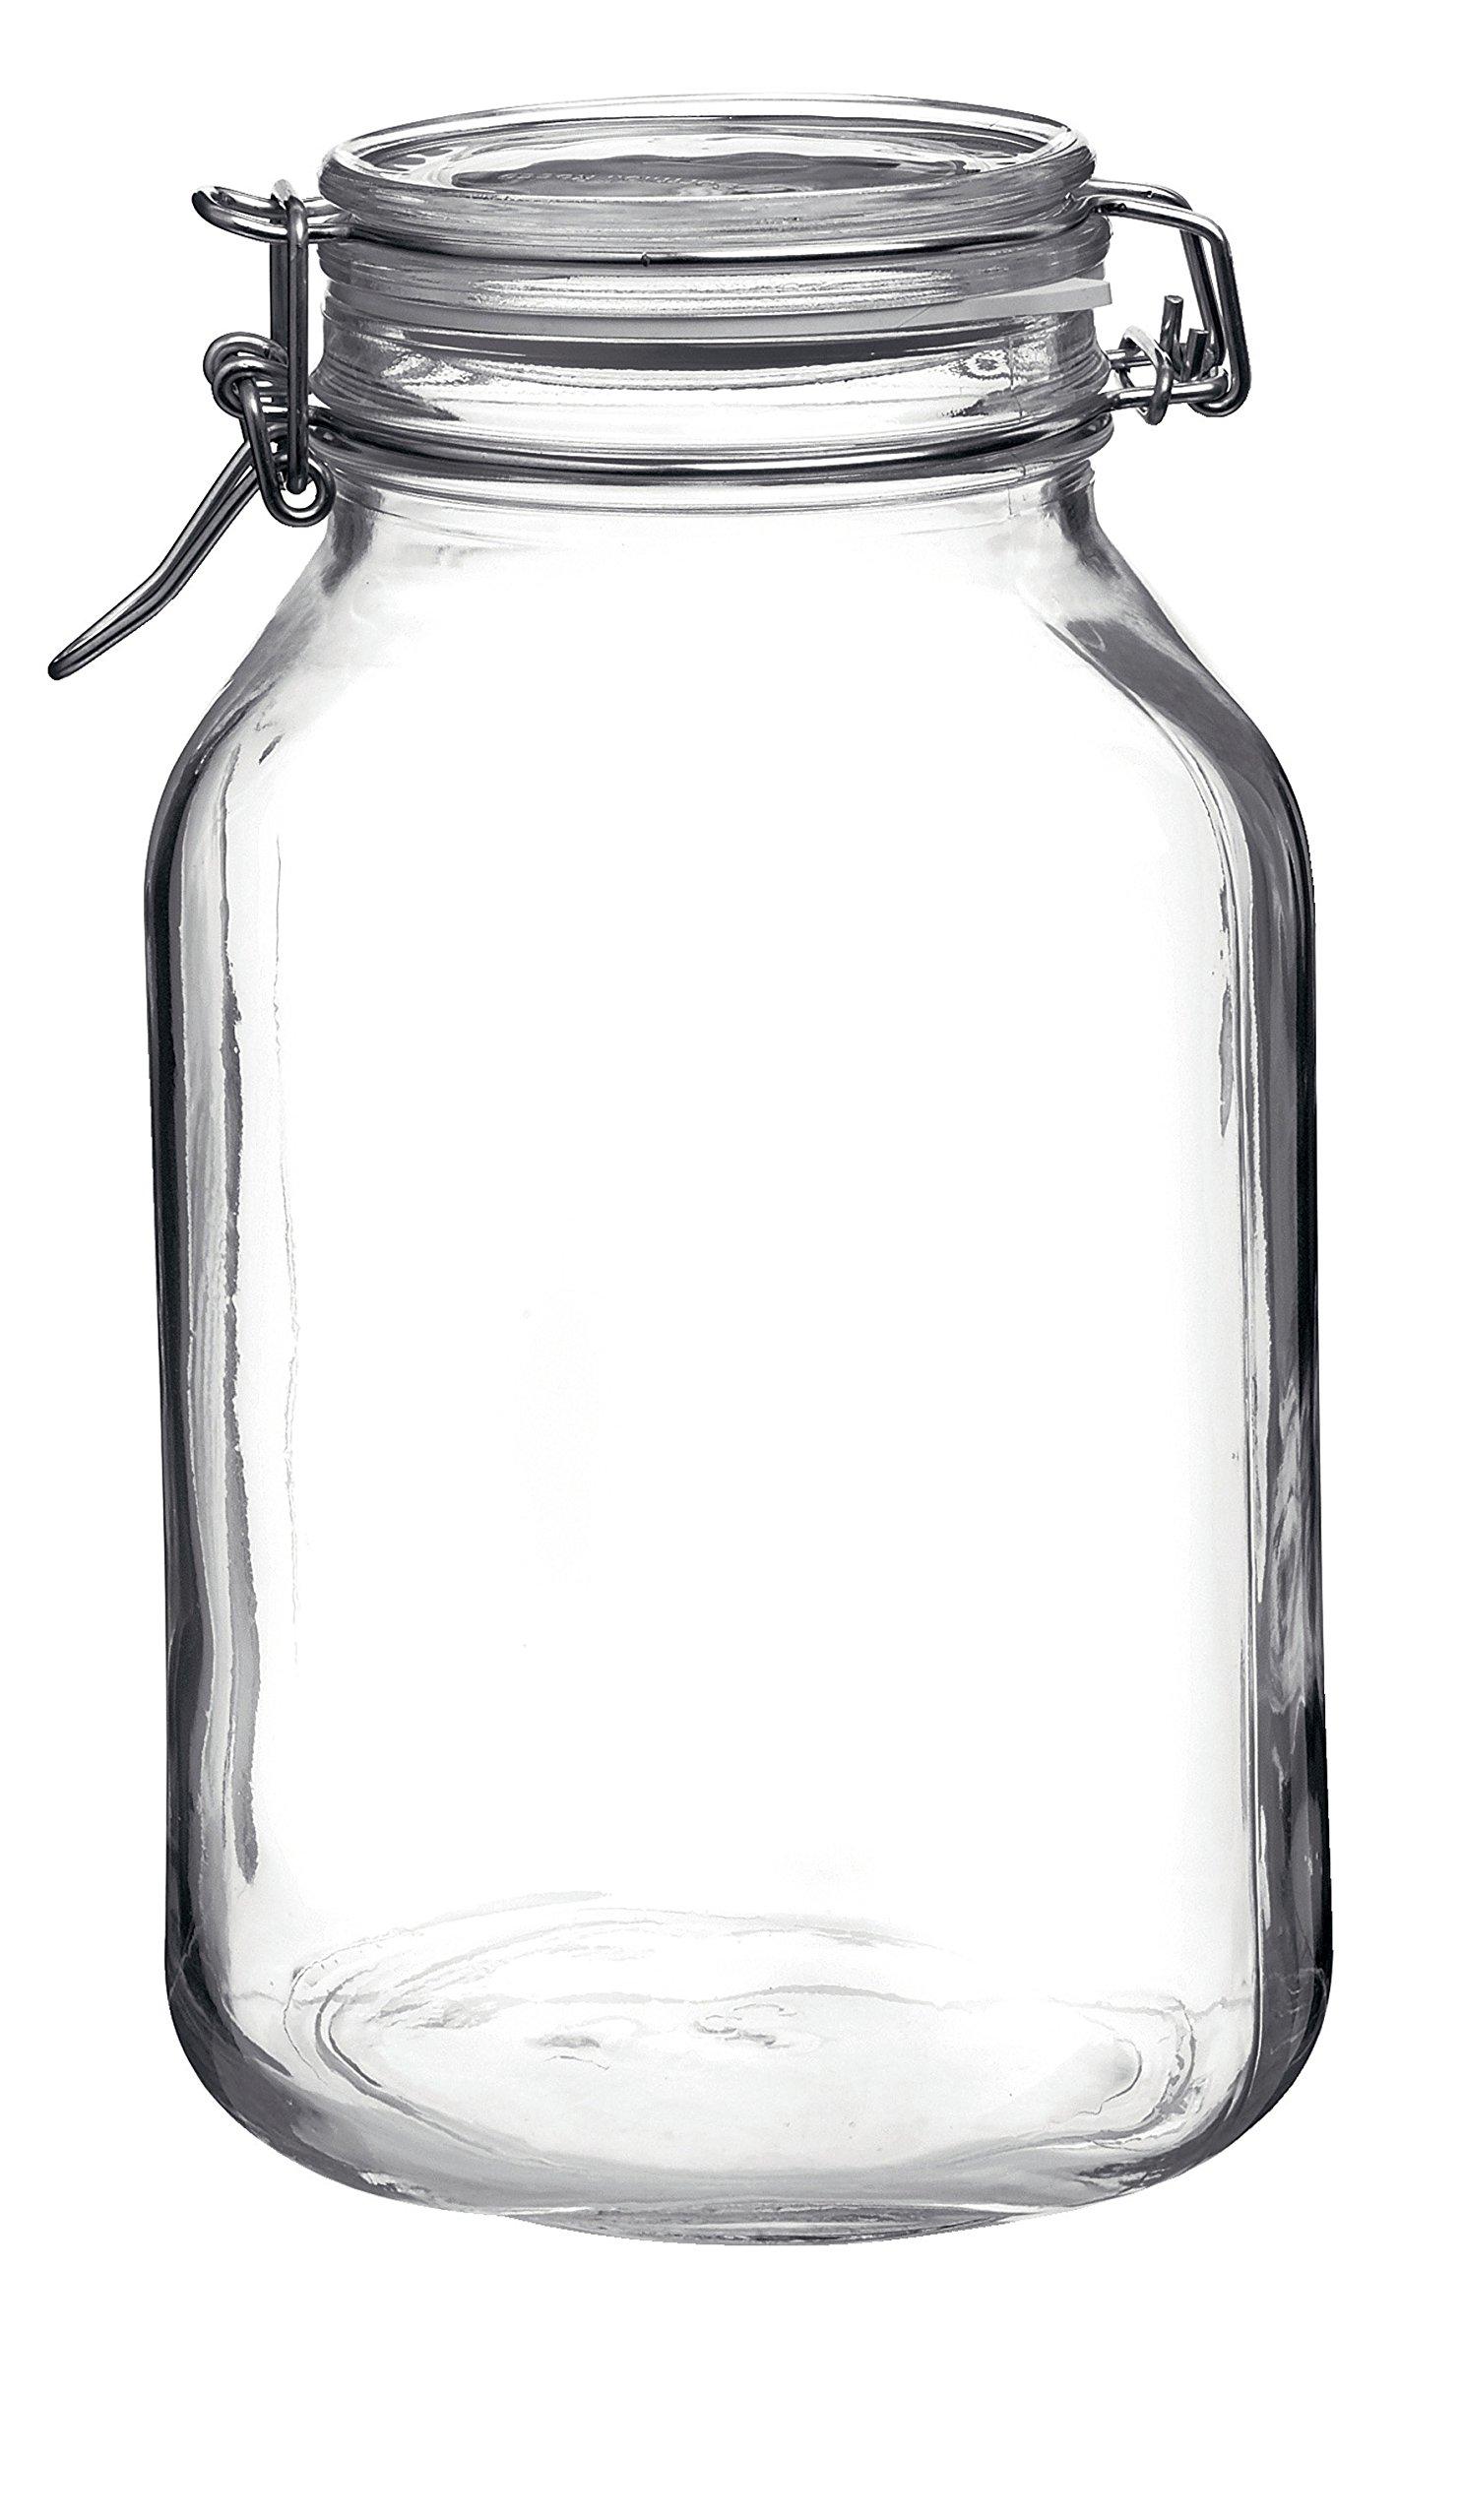 Bormioli Rocco Fido Glass Square Jar, 3 Liter